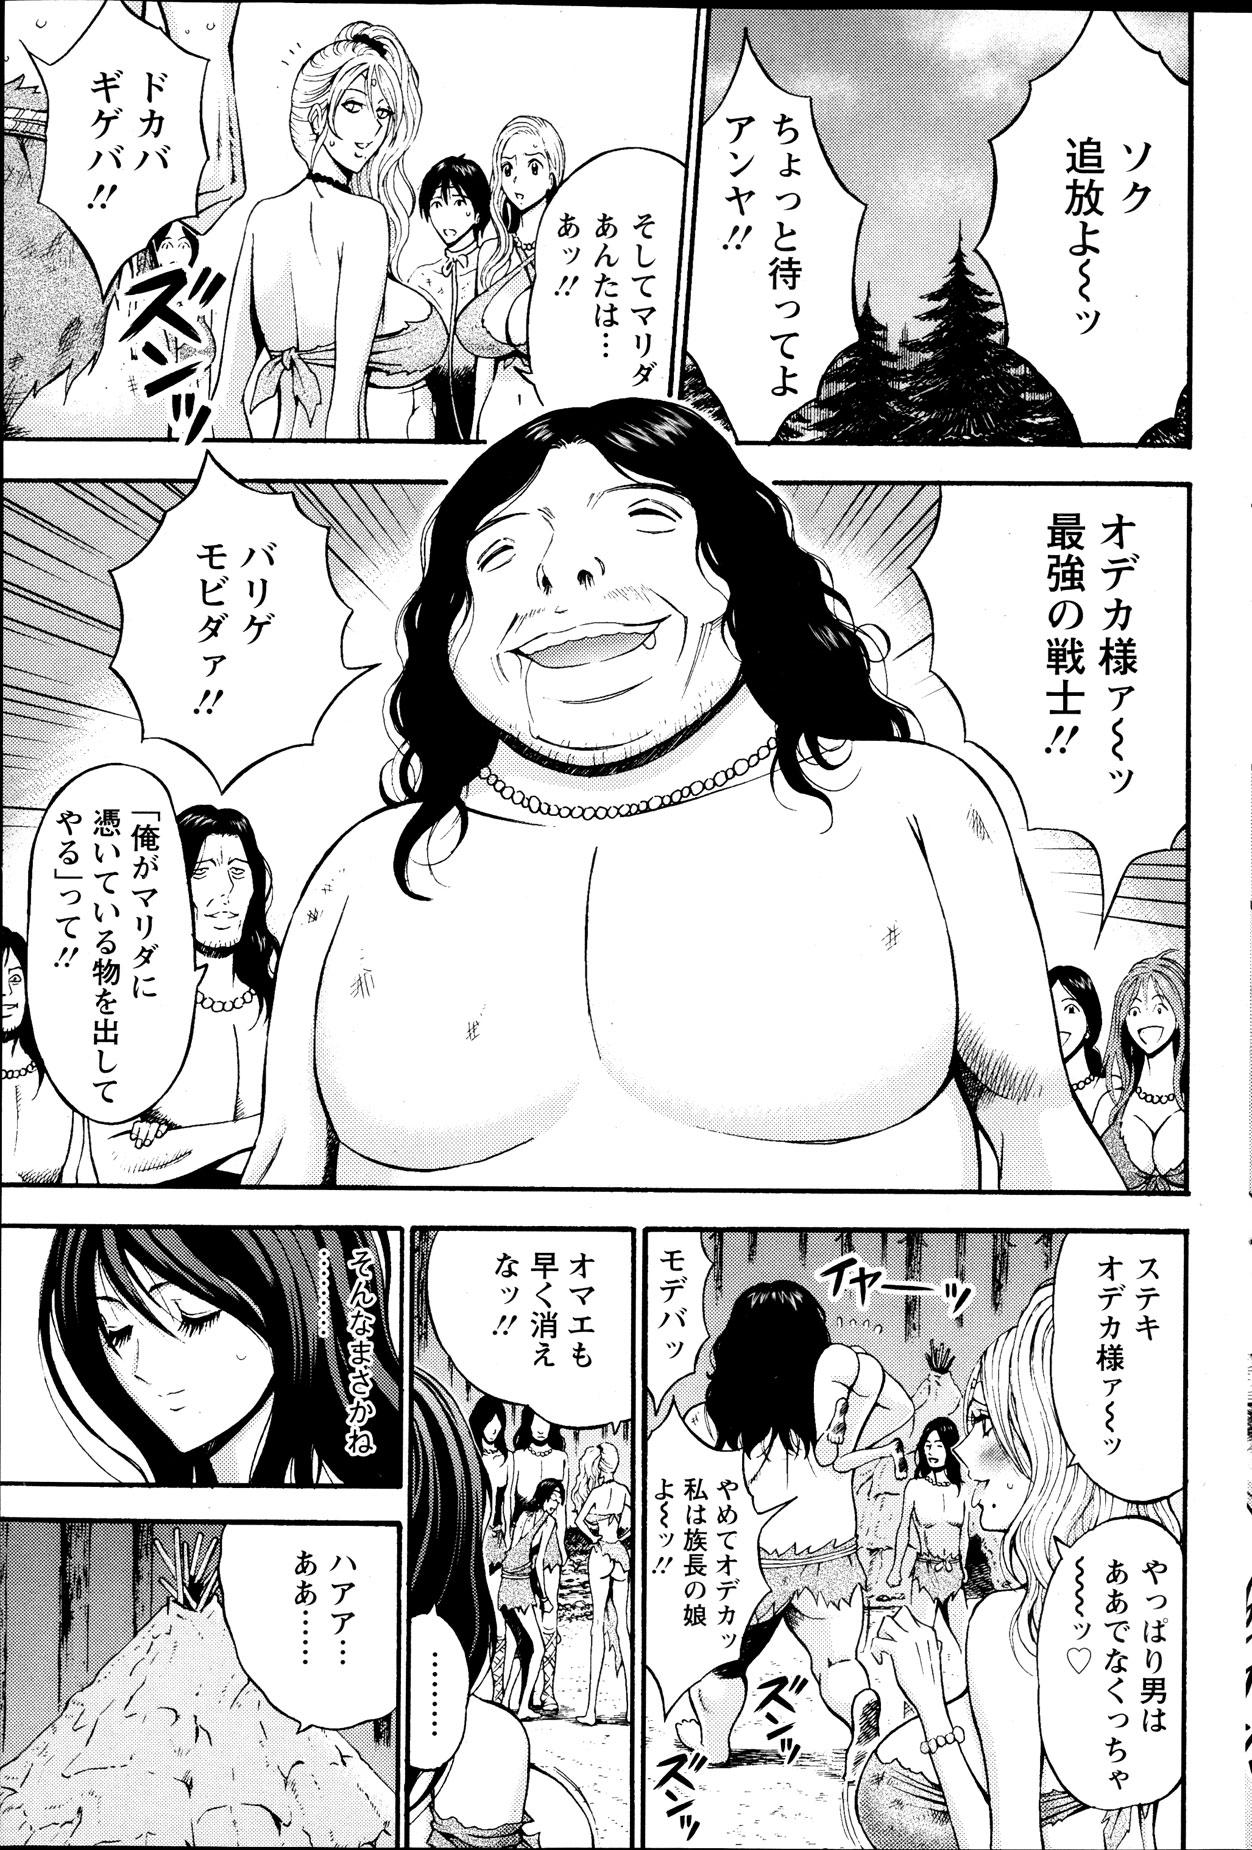 Kigenzen 10000 Nen no Ota Ch. 1-14 27